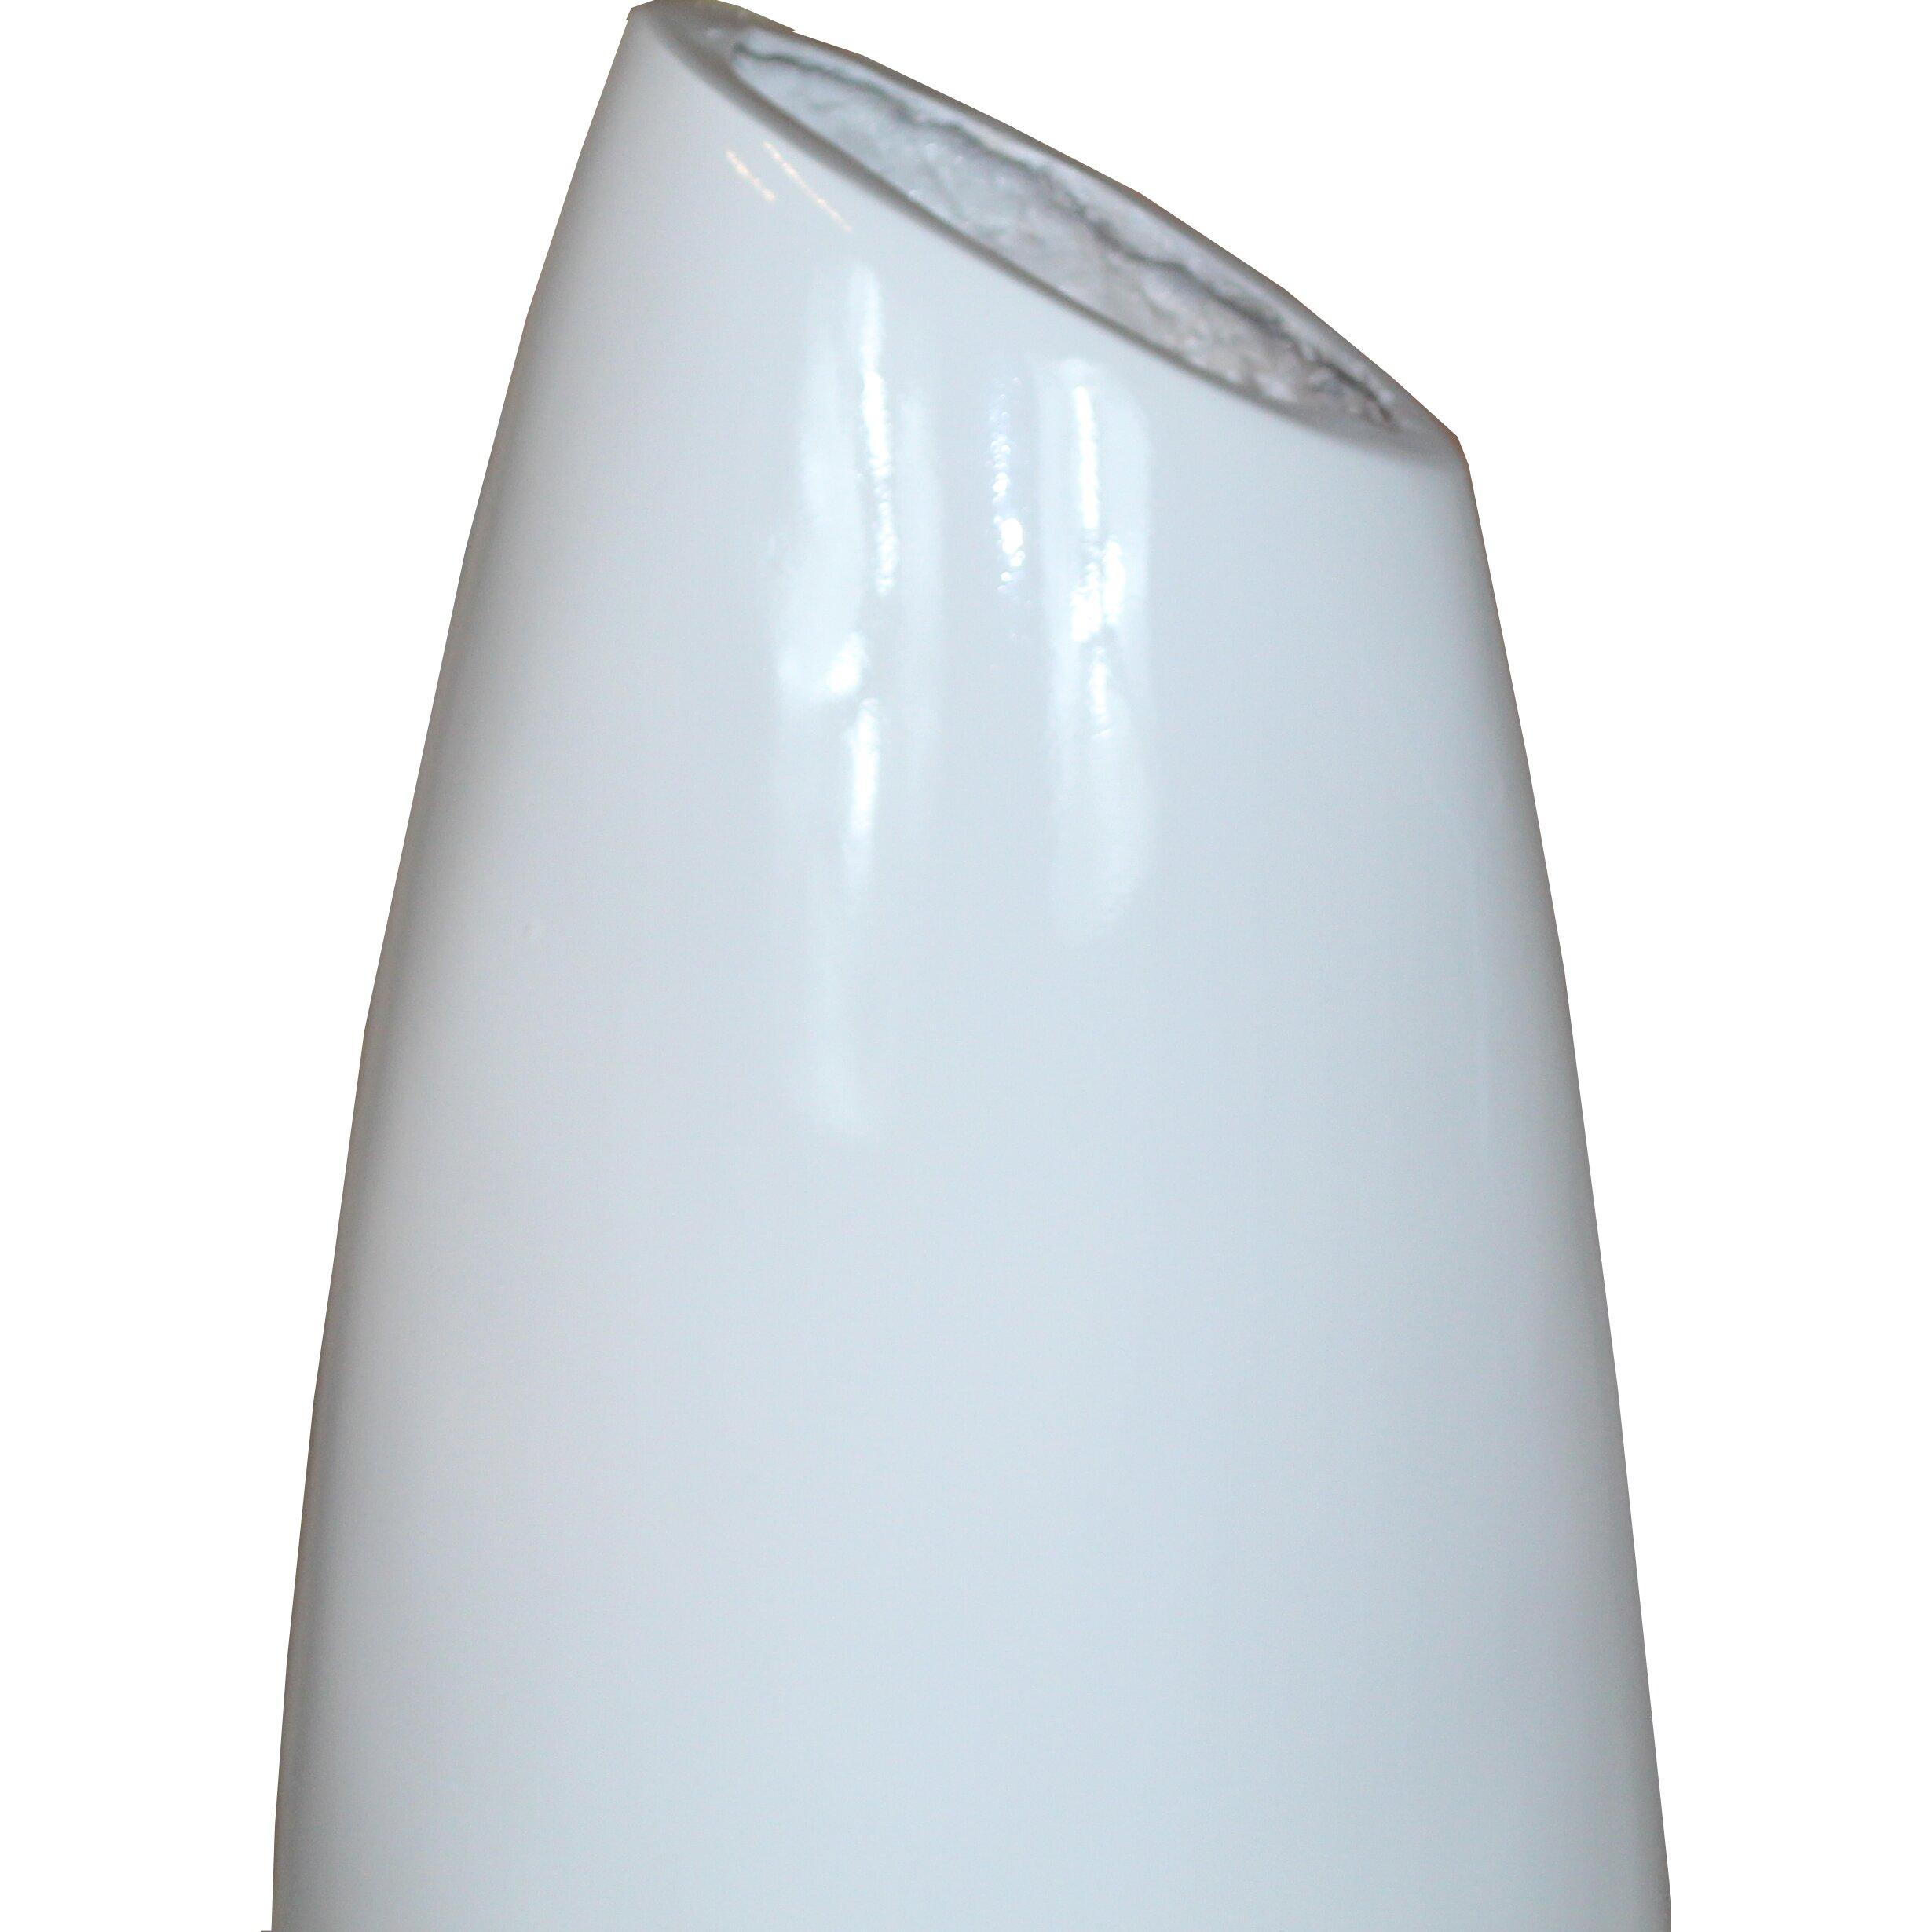 26 fabulous Modern Floor Vases – voqalmedia.com